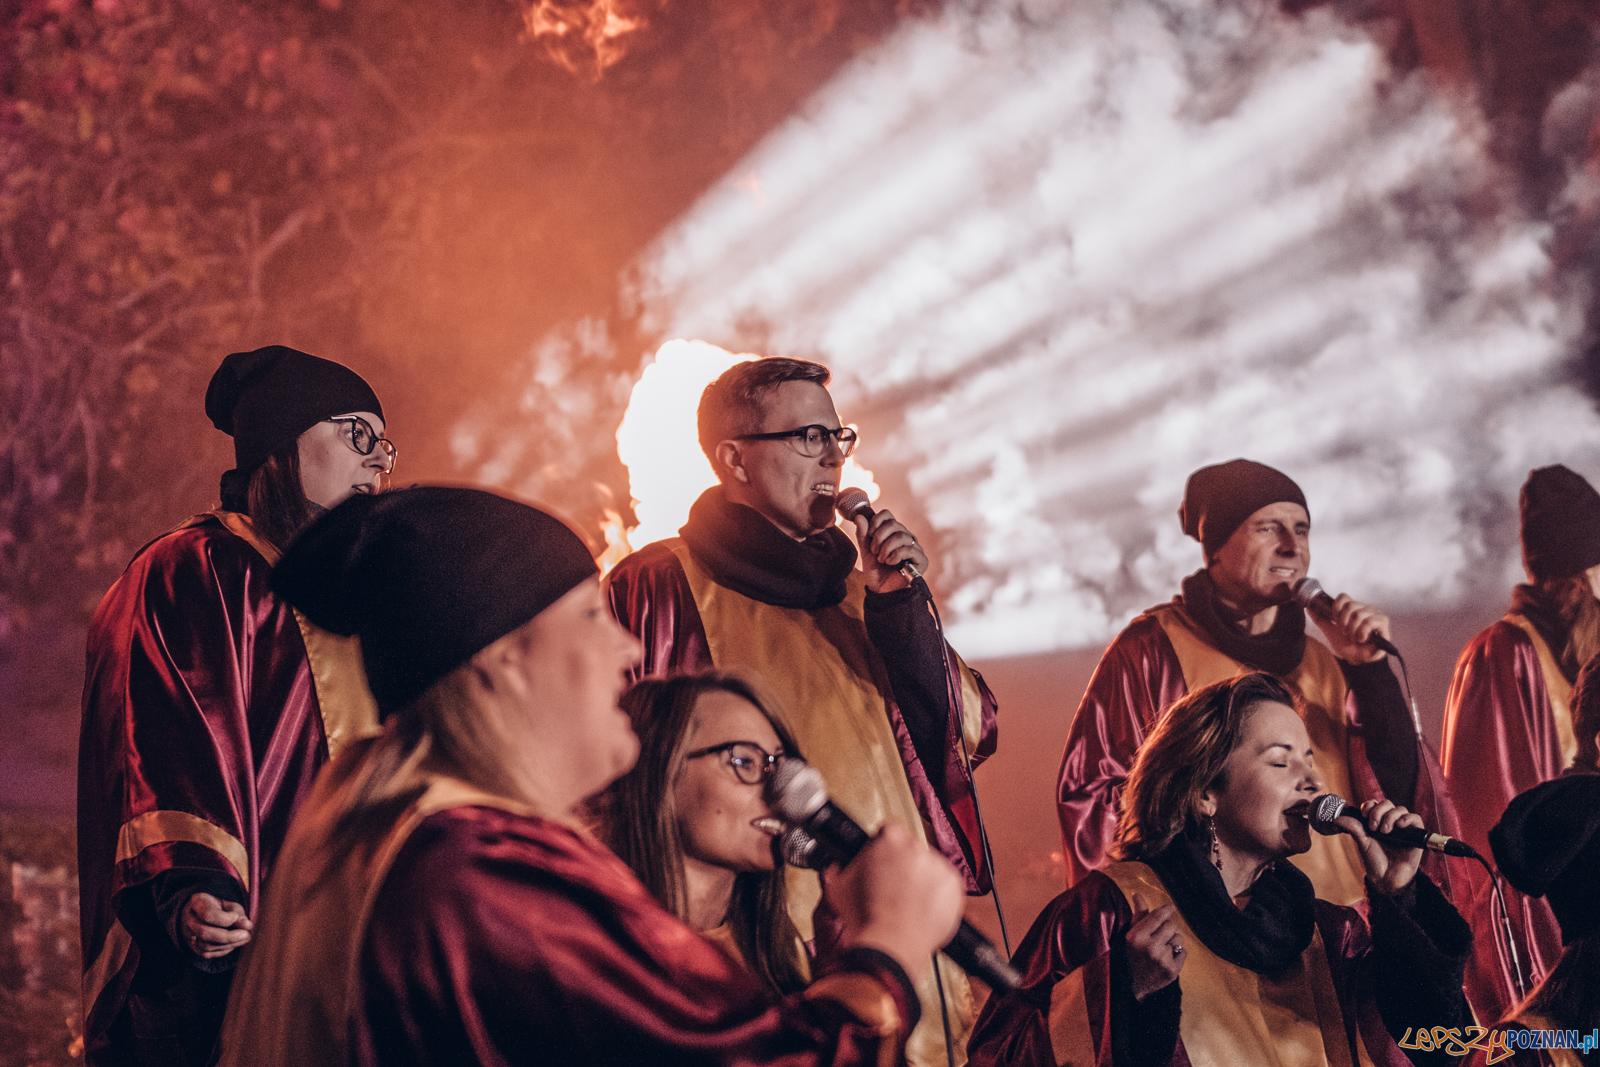 Betlejem 2019  Foto: lepszyPOZNAN.pl / Ewelina Jaśkowiak